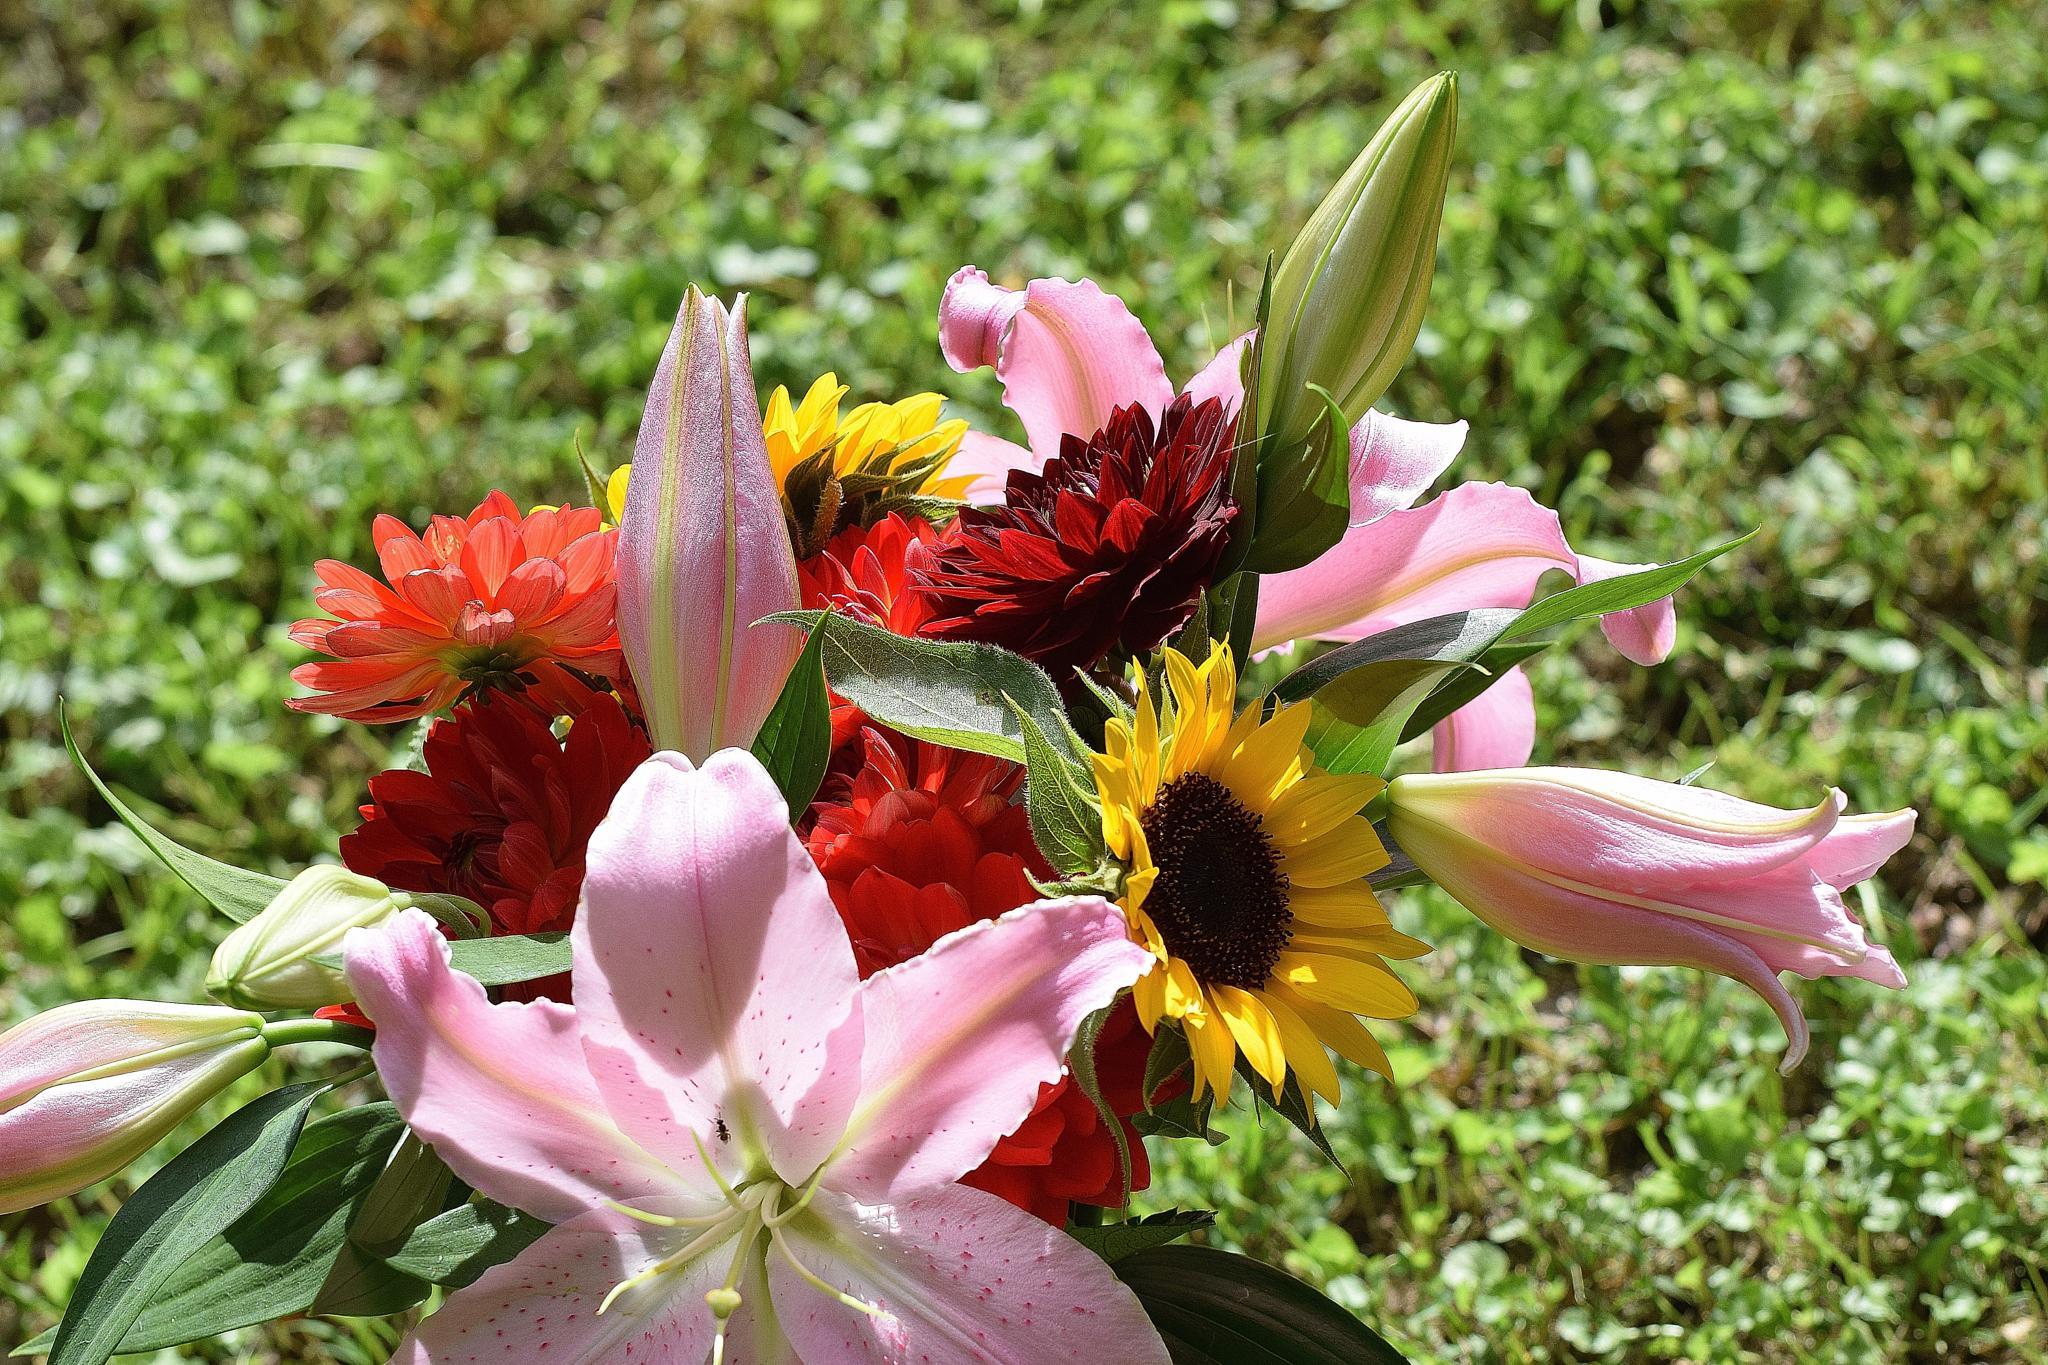 Flowers 48 by Lawrence Scott Hess